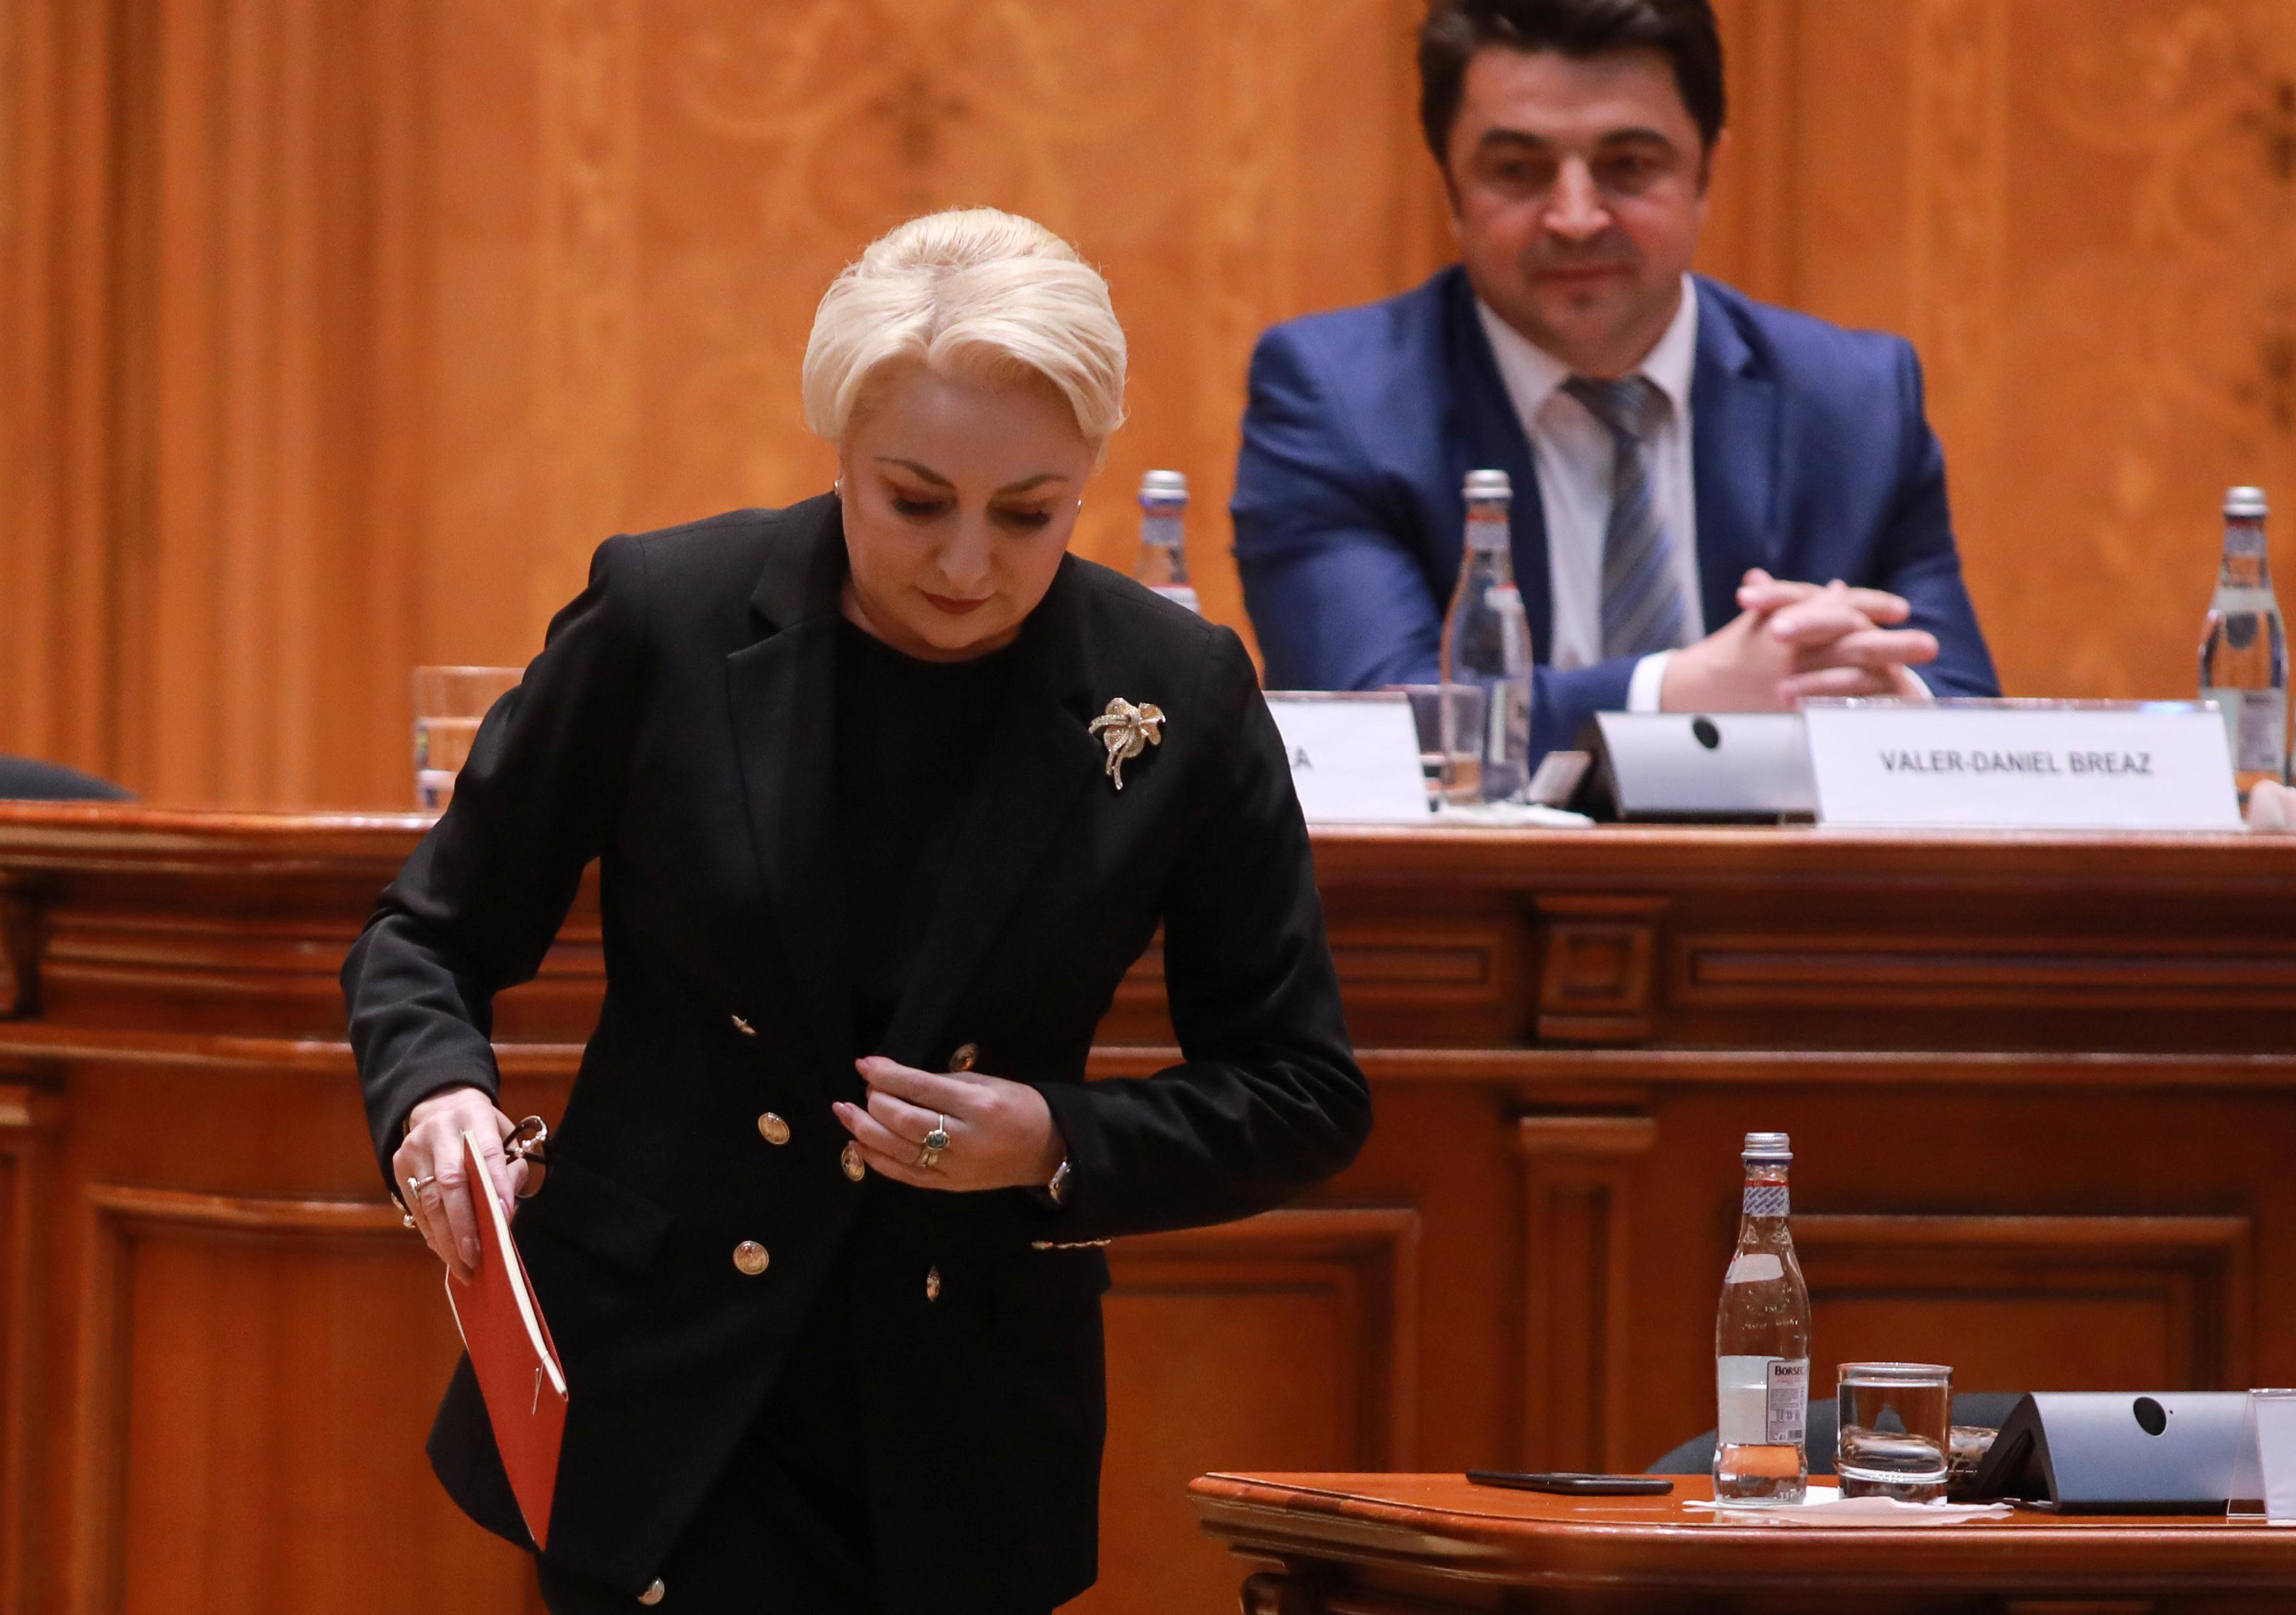 Ανατράπηκε η κυβέρνηση στη Ρουμανία! Πέρασε η πρόταση μομφής